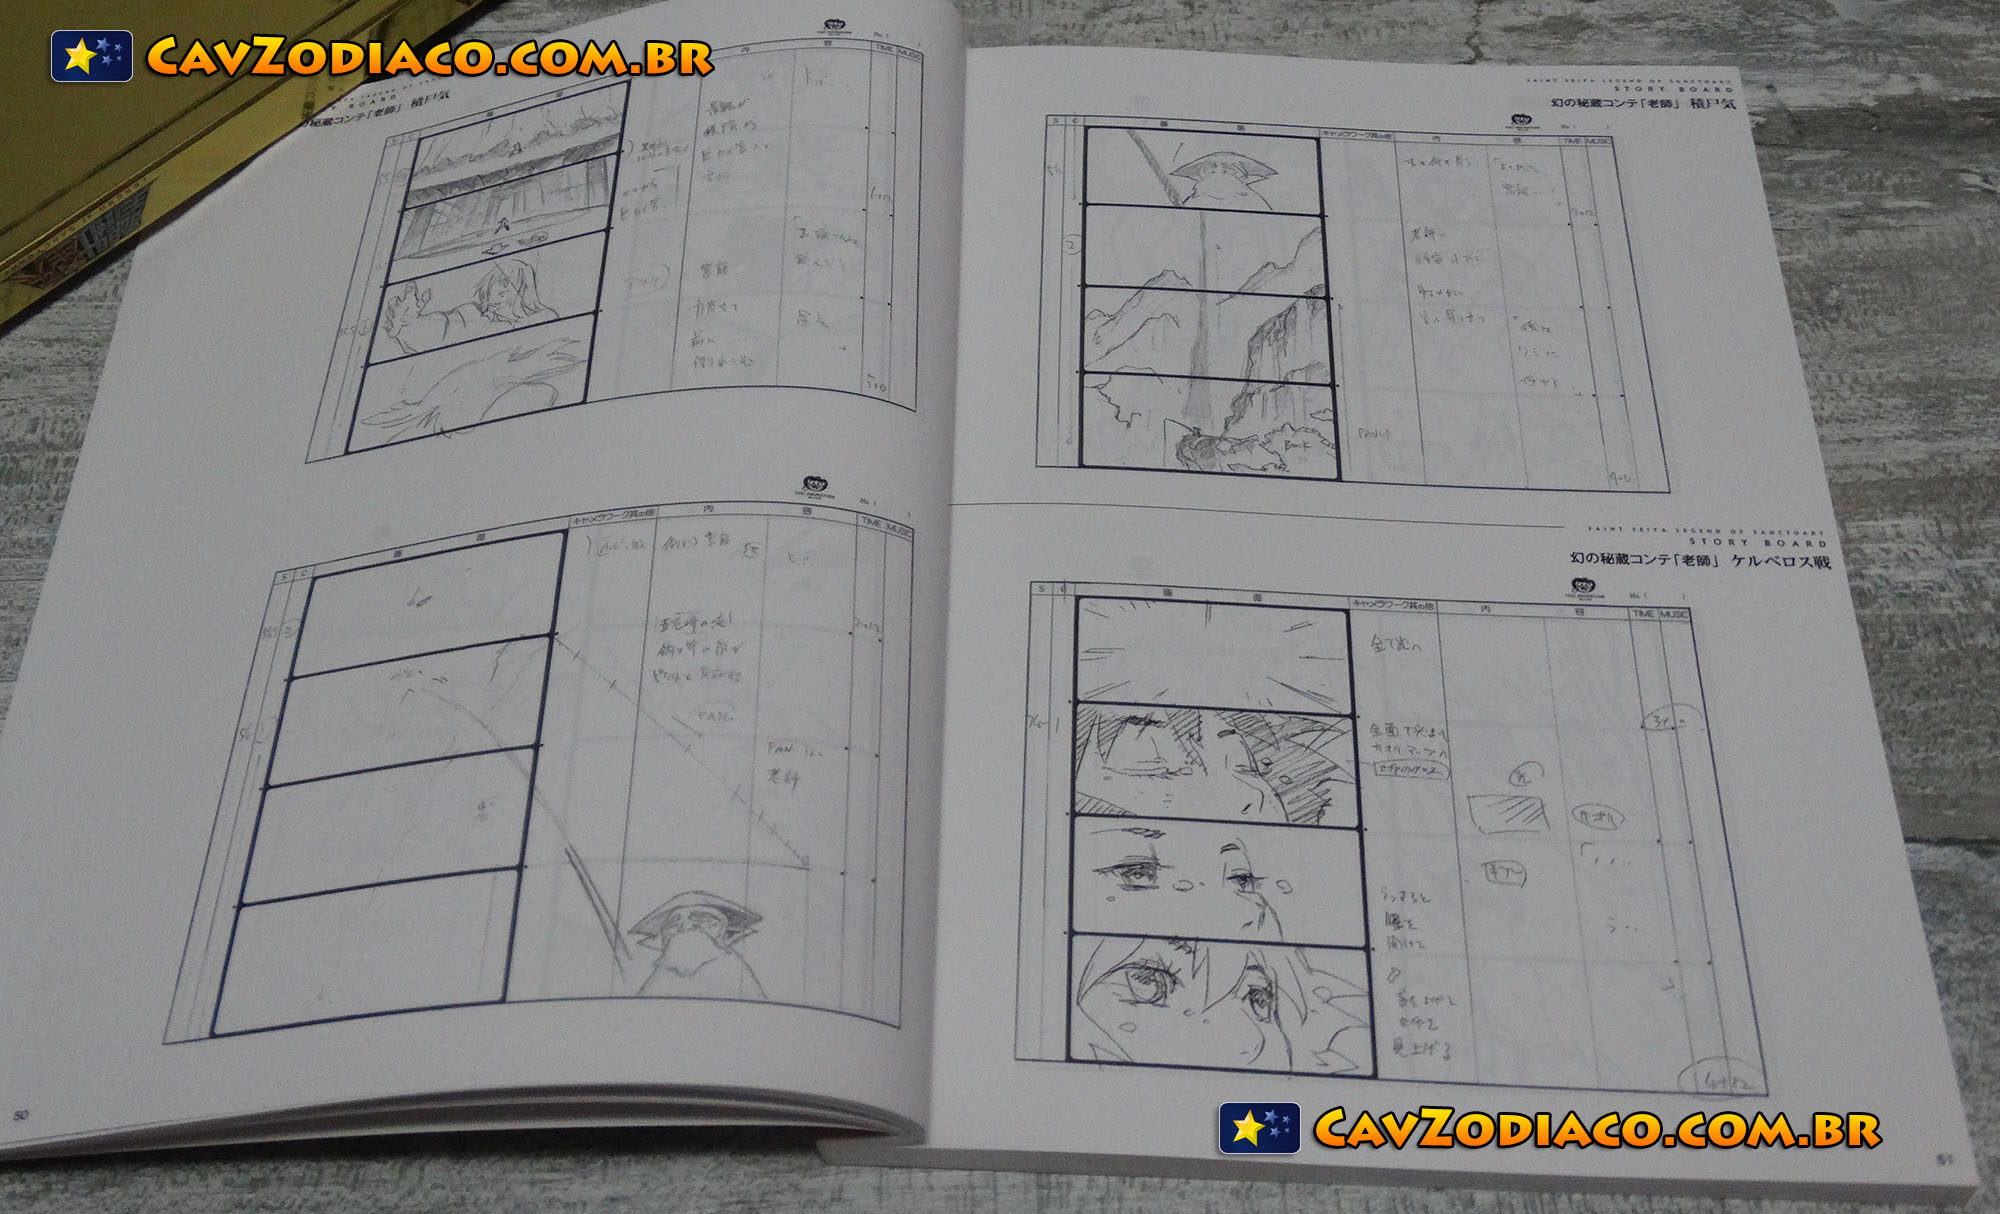 [Comentários] Toei Animation - Filme em CG Saint Seiya - Página 17 Box_bd_lenda_japao_foto_66